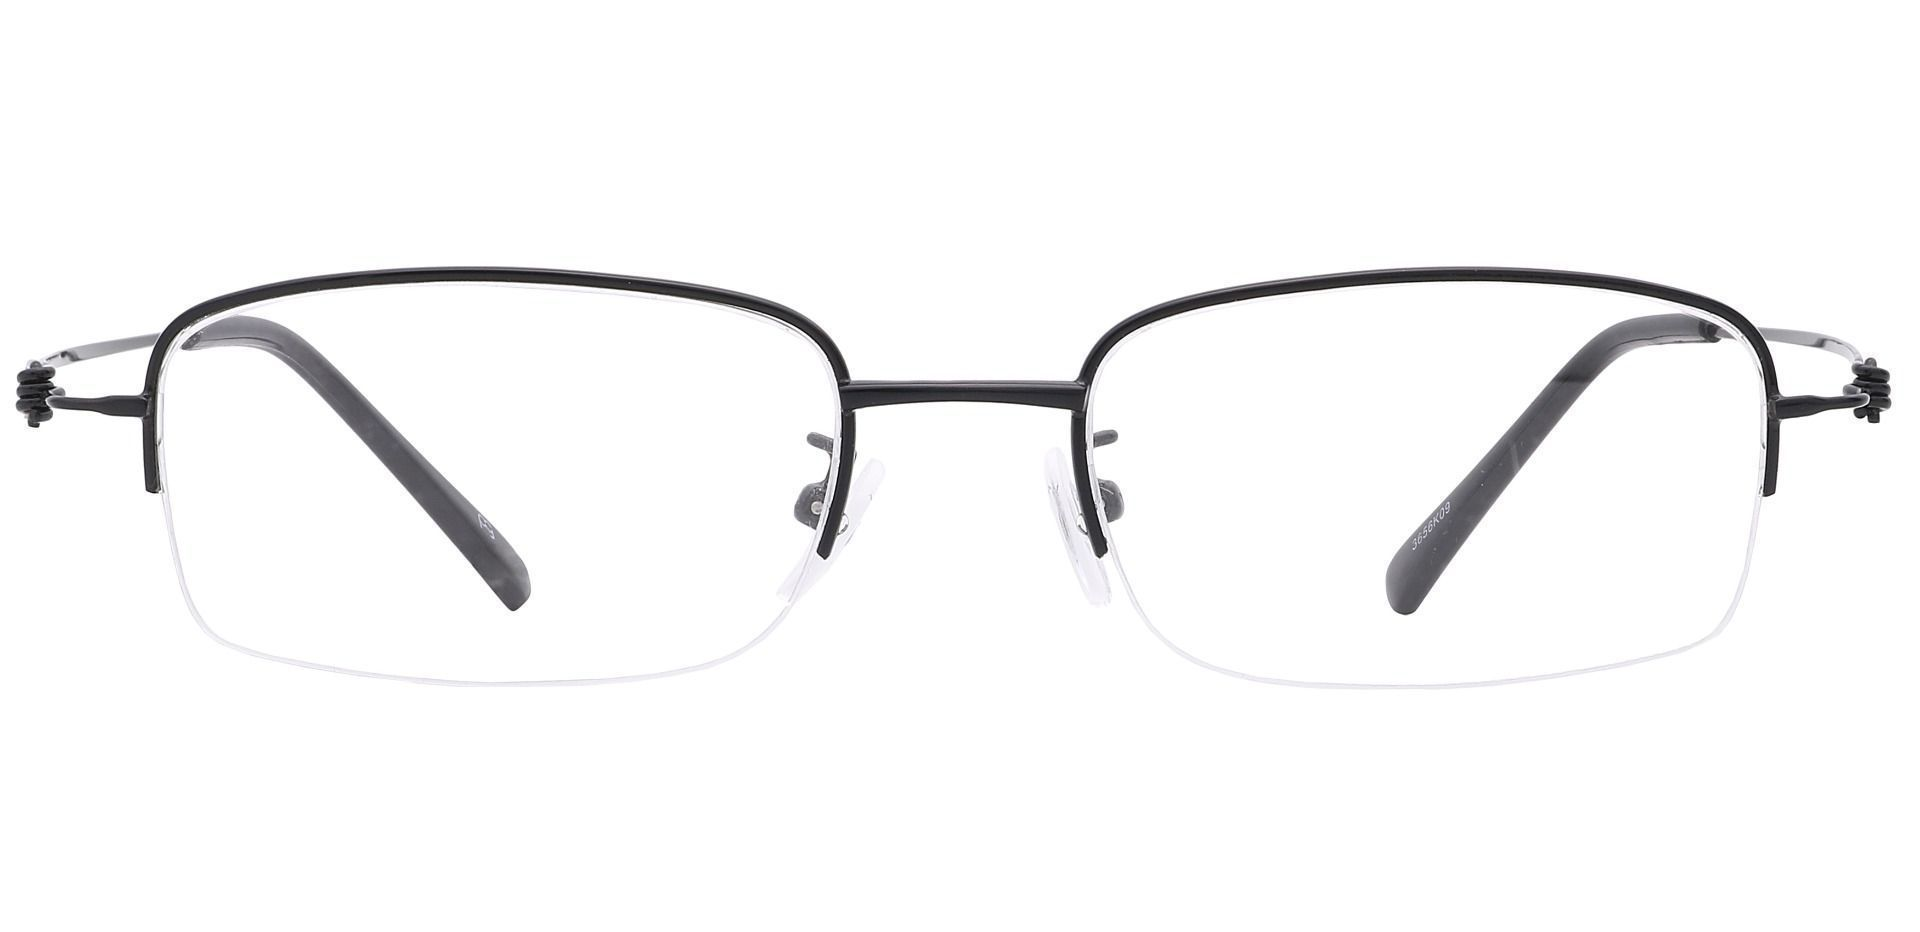 Walton Square Prescription Glasses - Black